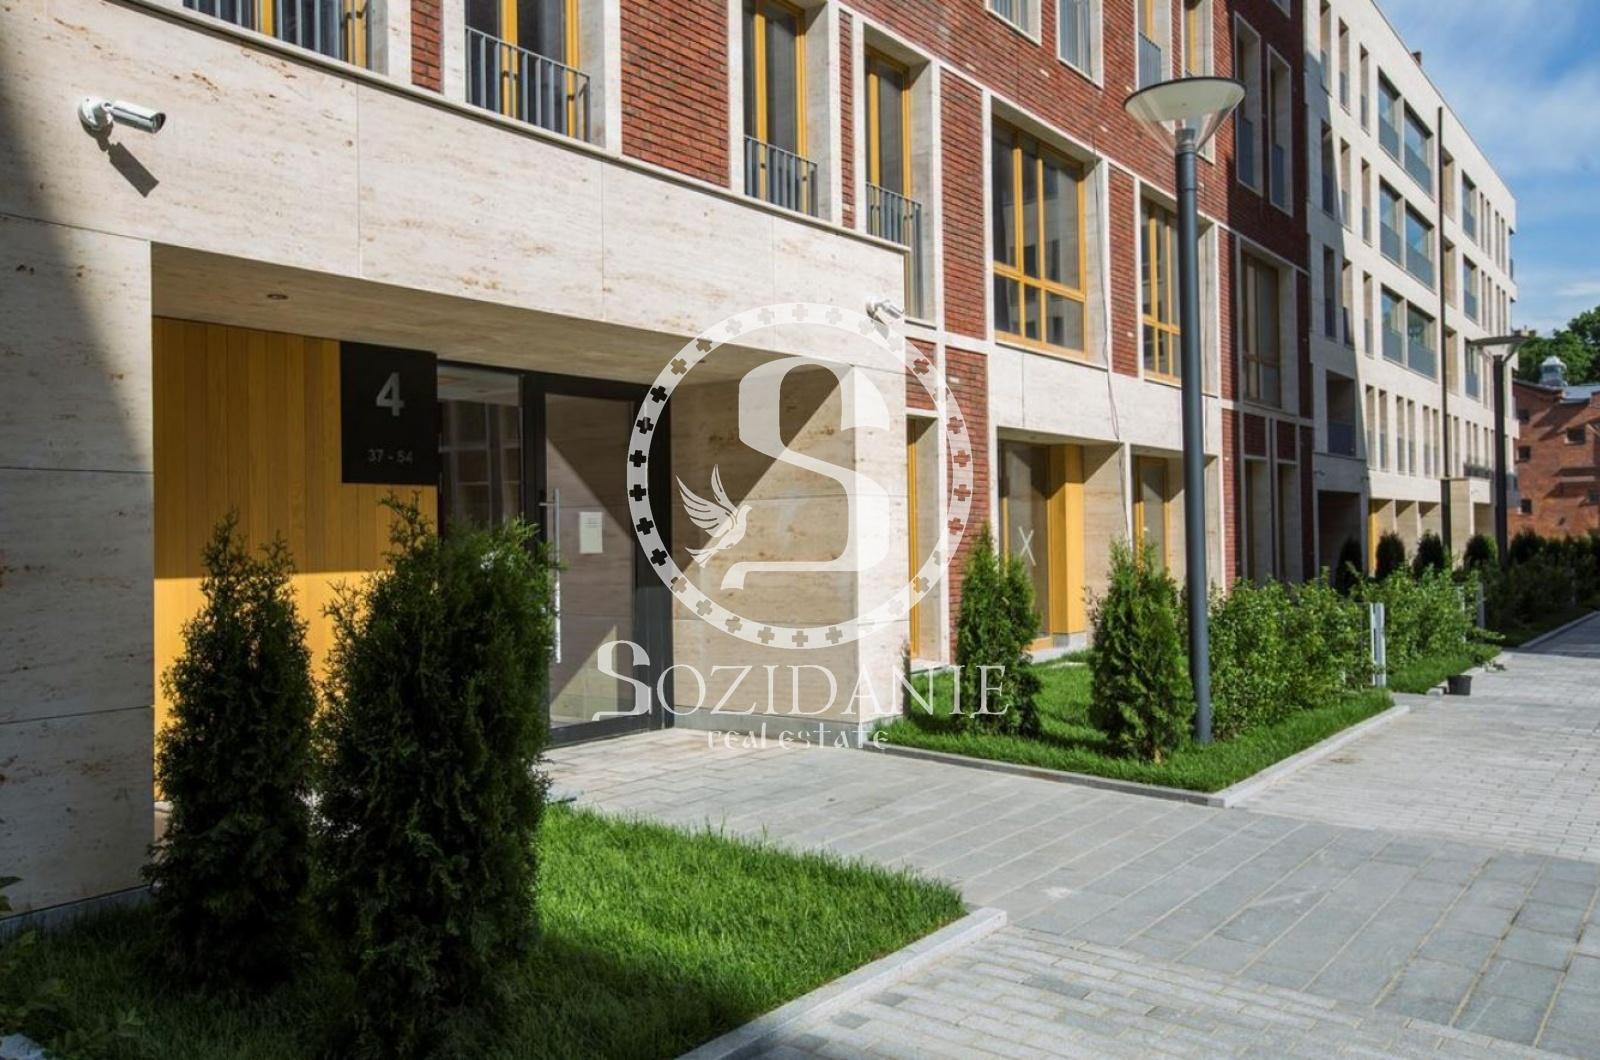 5 Комнаты, Городская, Продажа, Улица Льва Толстого, Listing ID 3469, Москва, Россия,